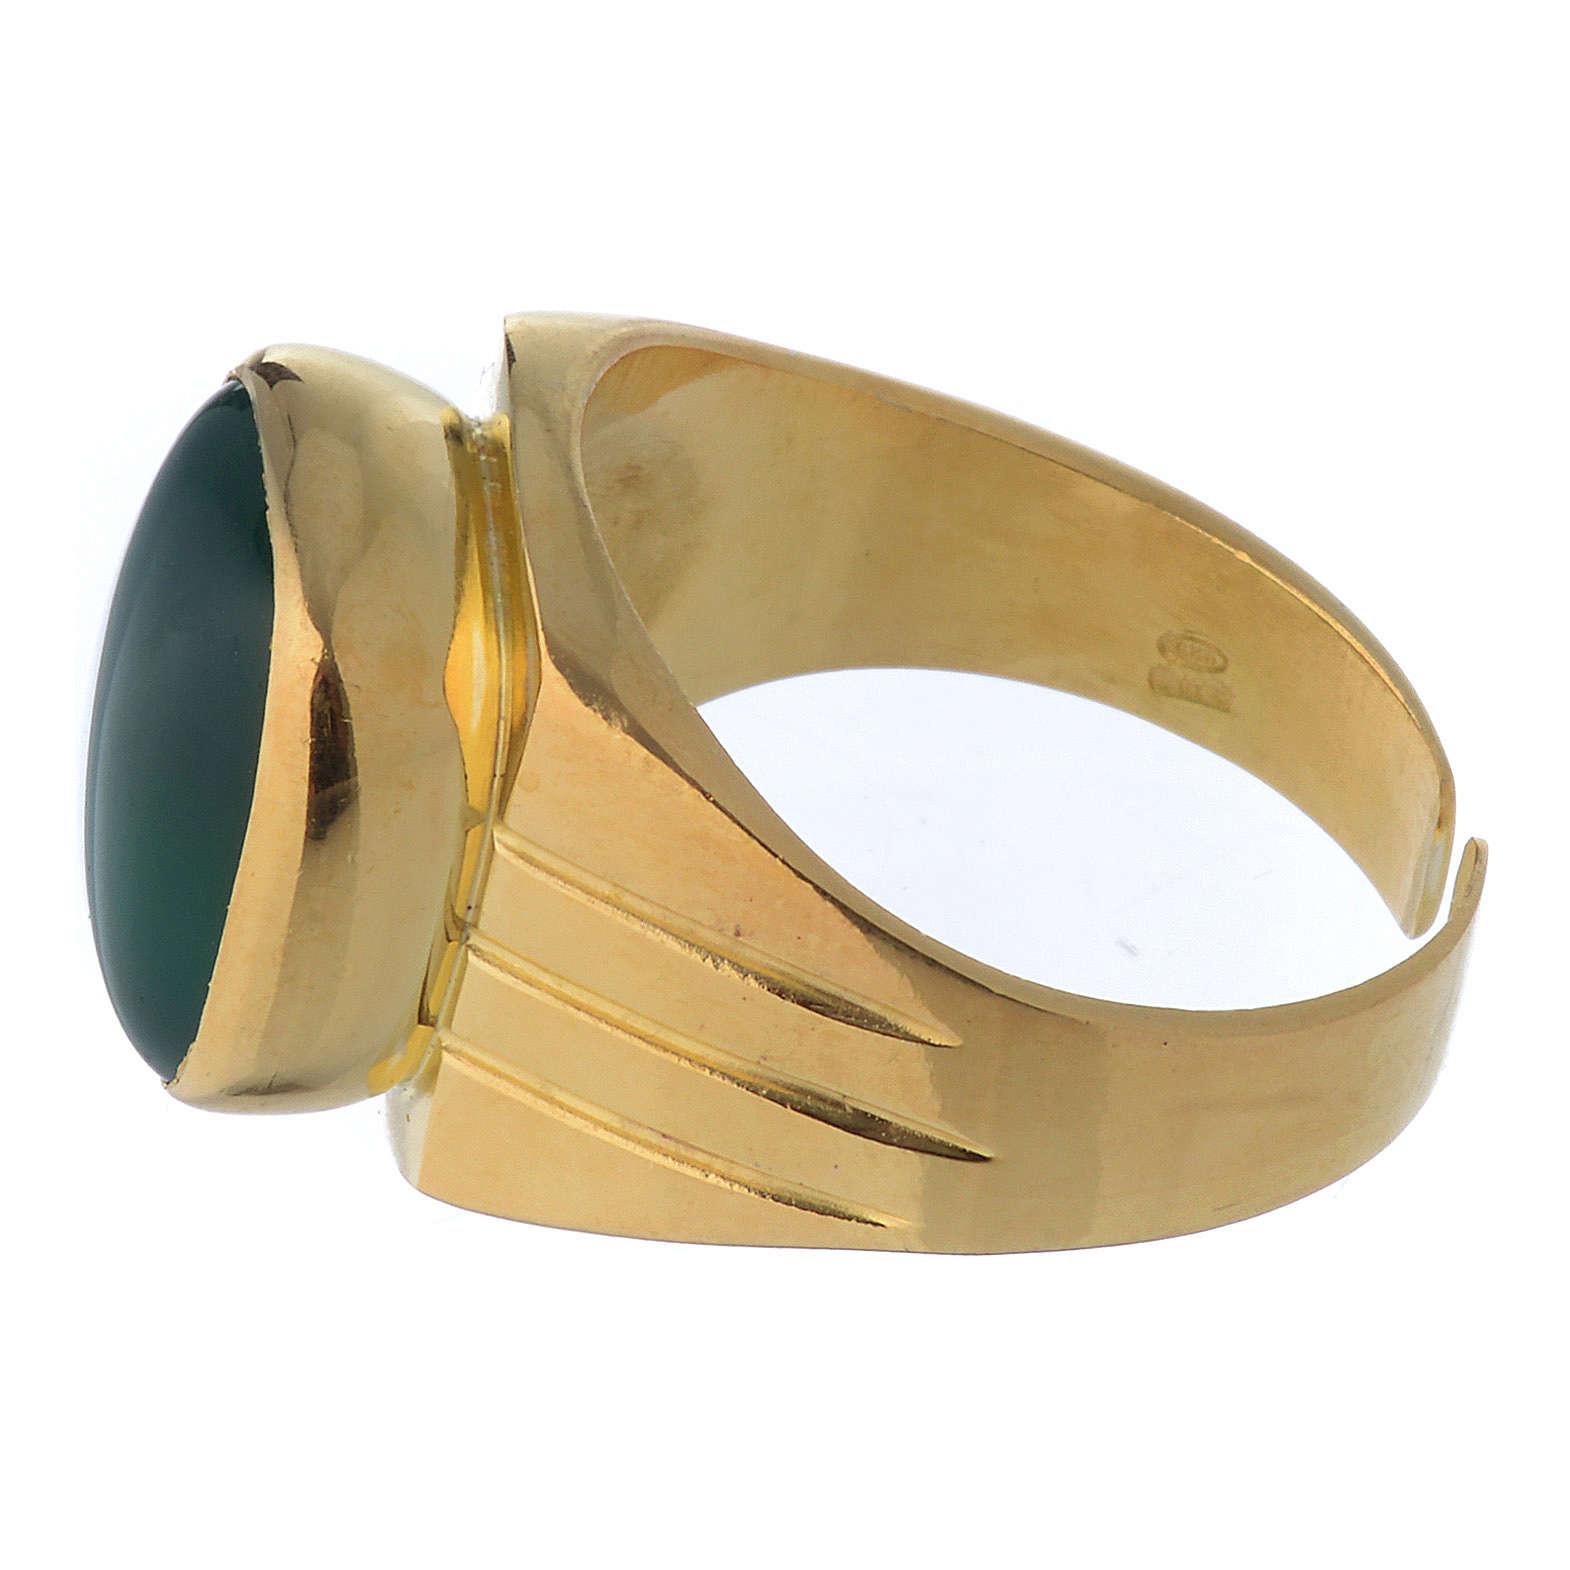 Anello vescovile argento dorato 800 agata verde 3